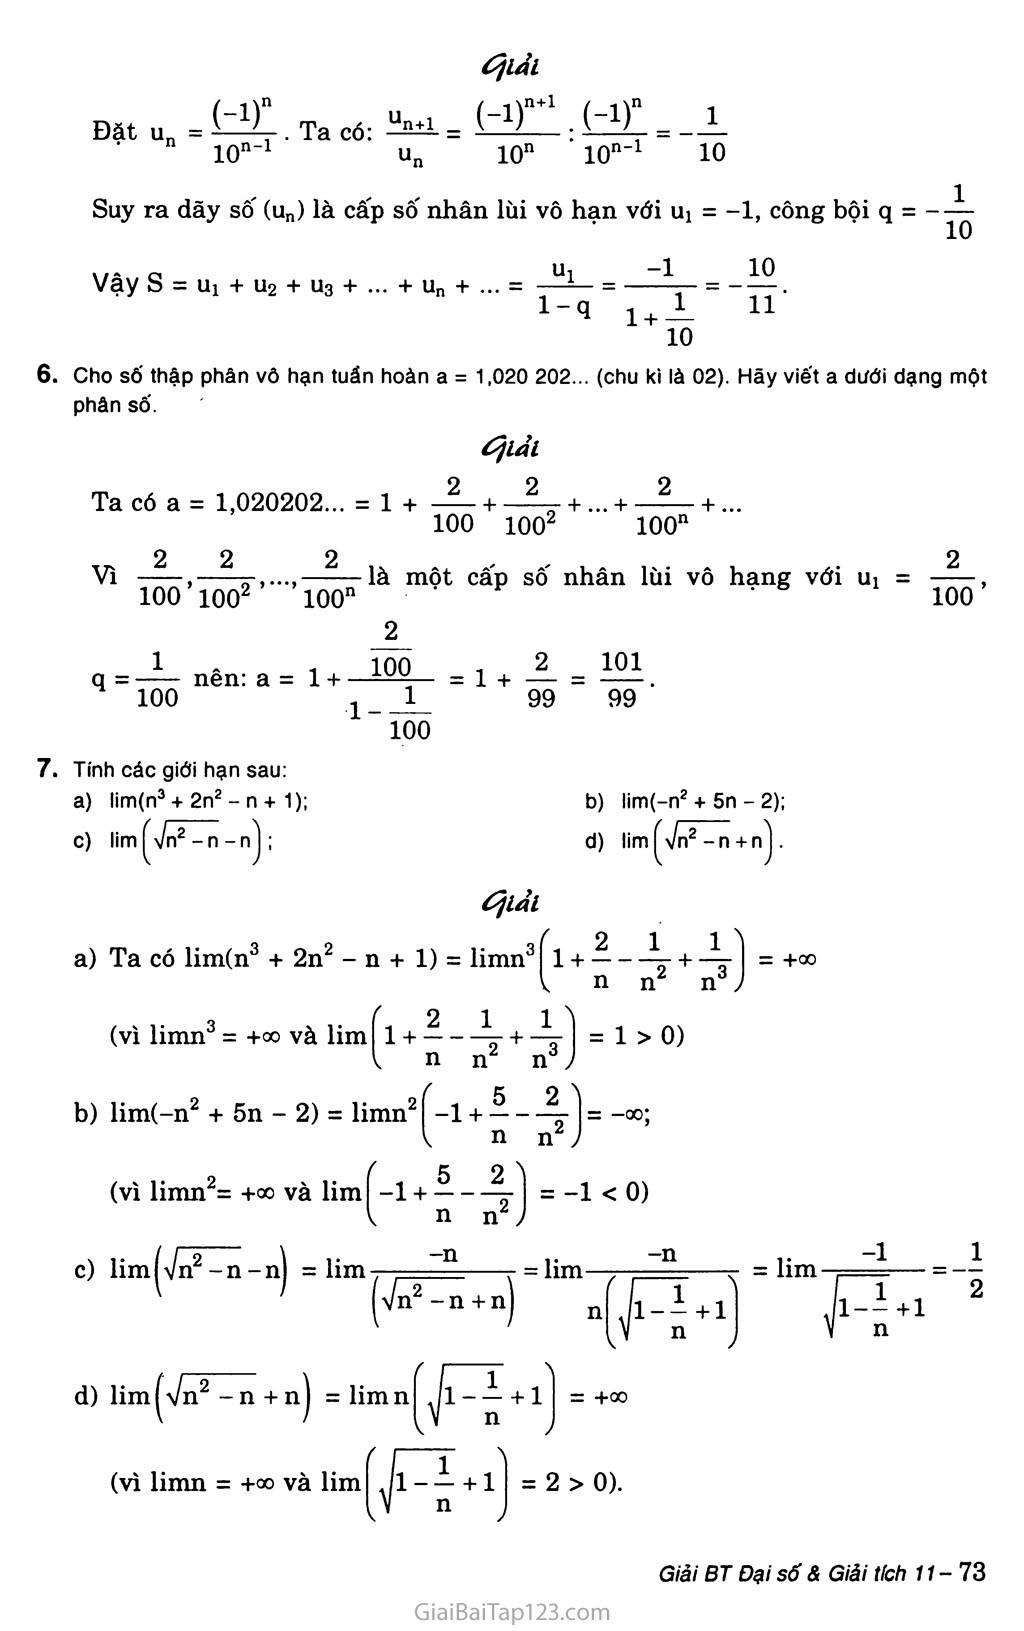 Bài 1. Giới hạn của dãy số trang 5